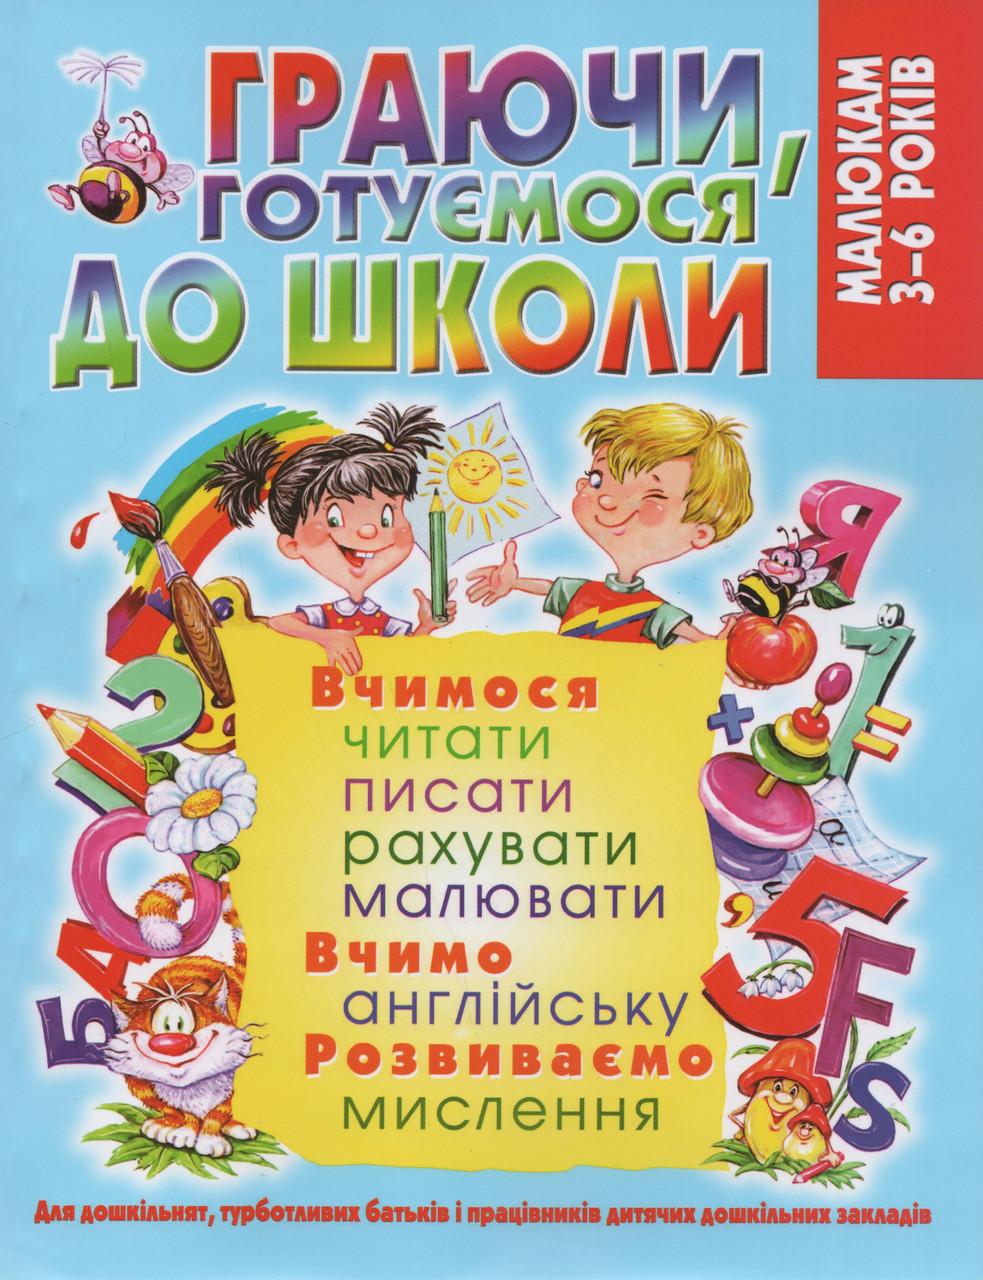 Граючи, готуємося до школи. О. І. Альбрехт, О. А. Бондаренко